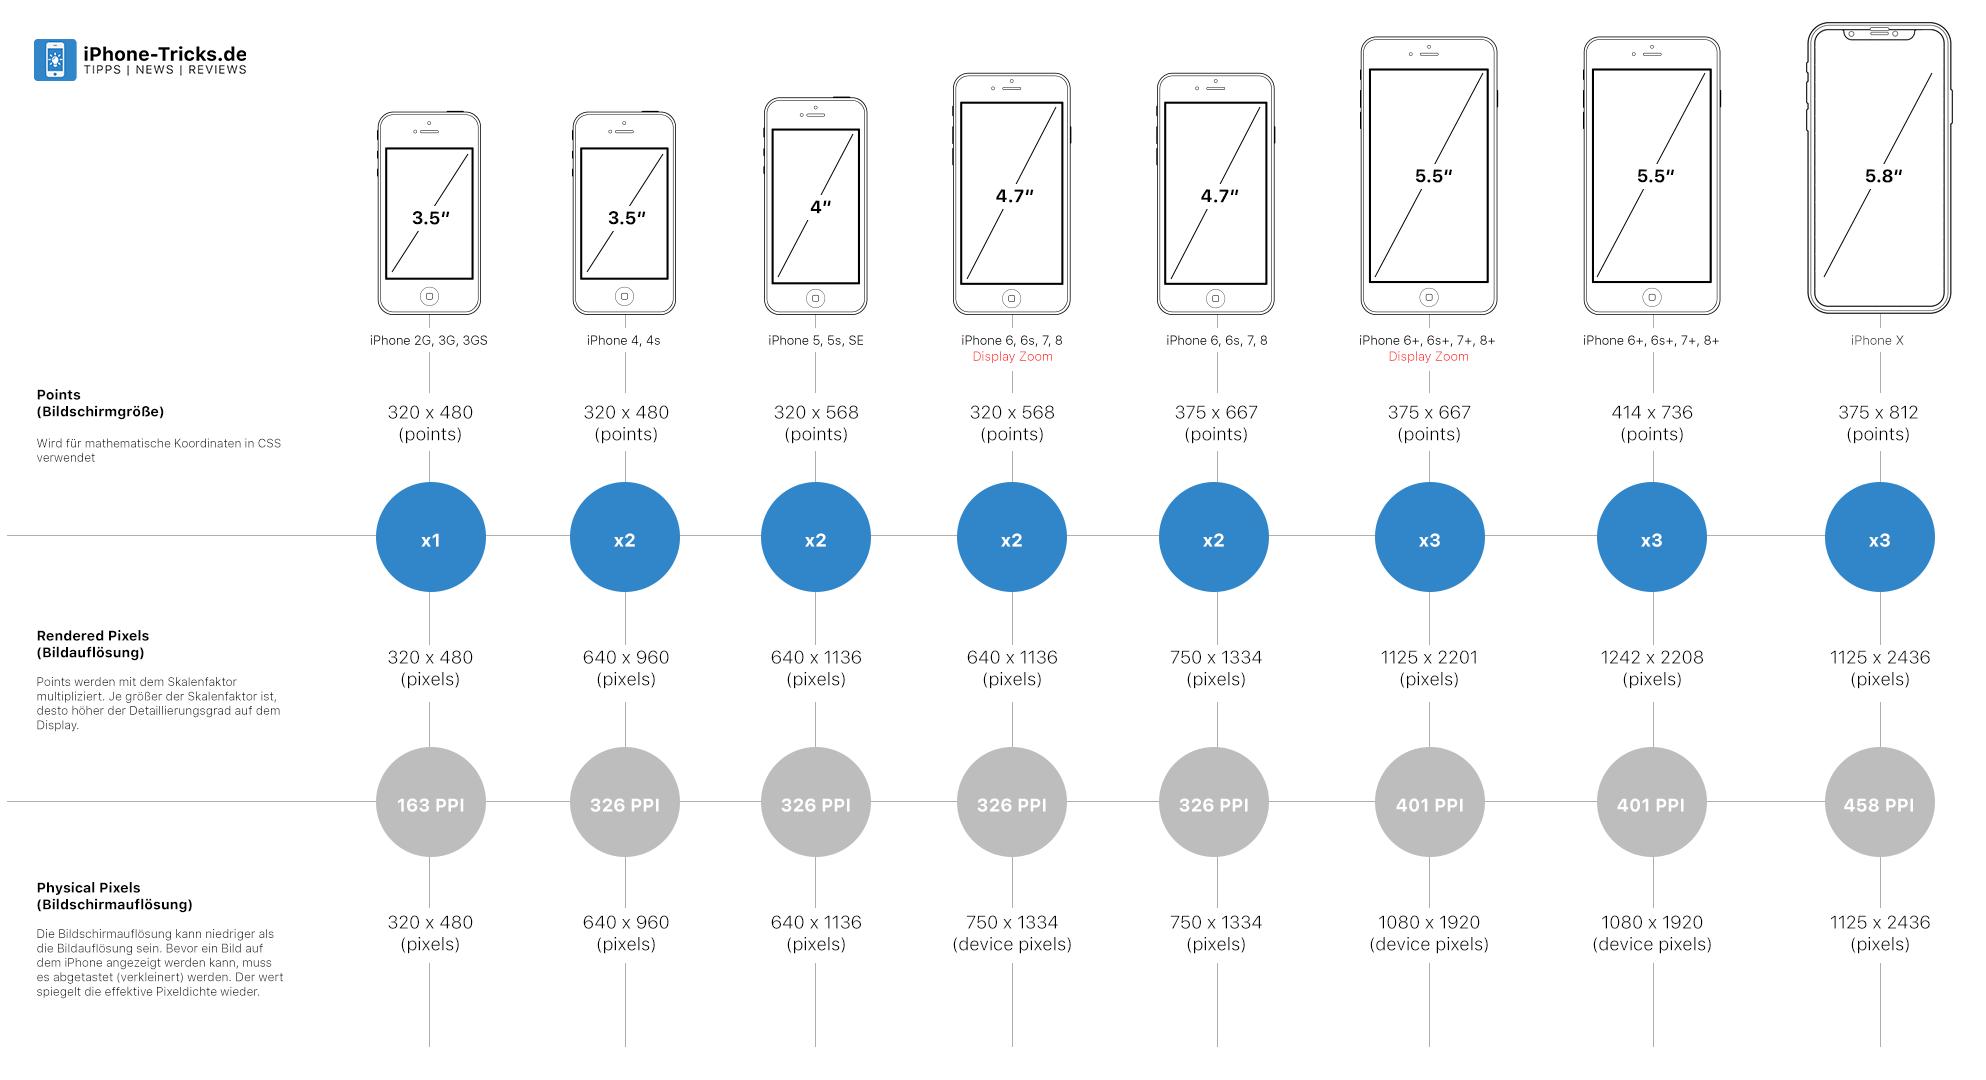 die iphone geschichte alle fakten zum apple smartphone. Black Bedroom Furniture Sets. Home Design Ideas